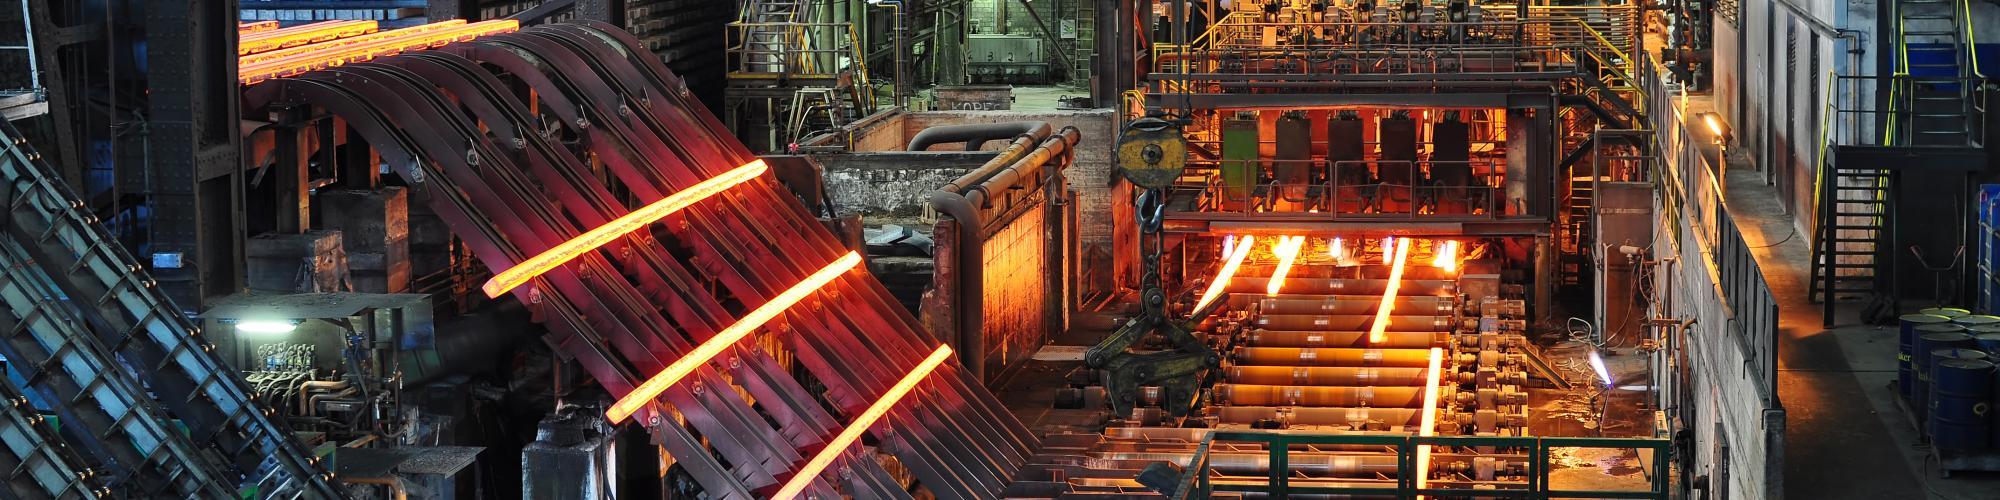 ESF Elbe-Stahlwerke Feralpi GmbH